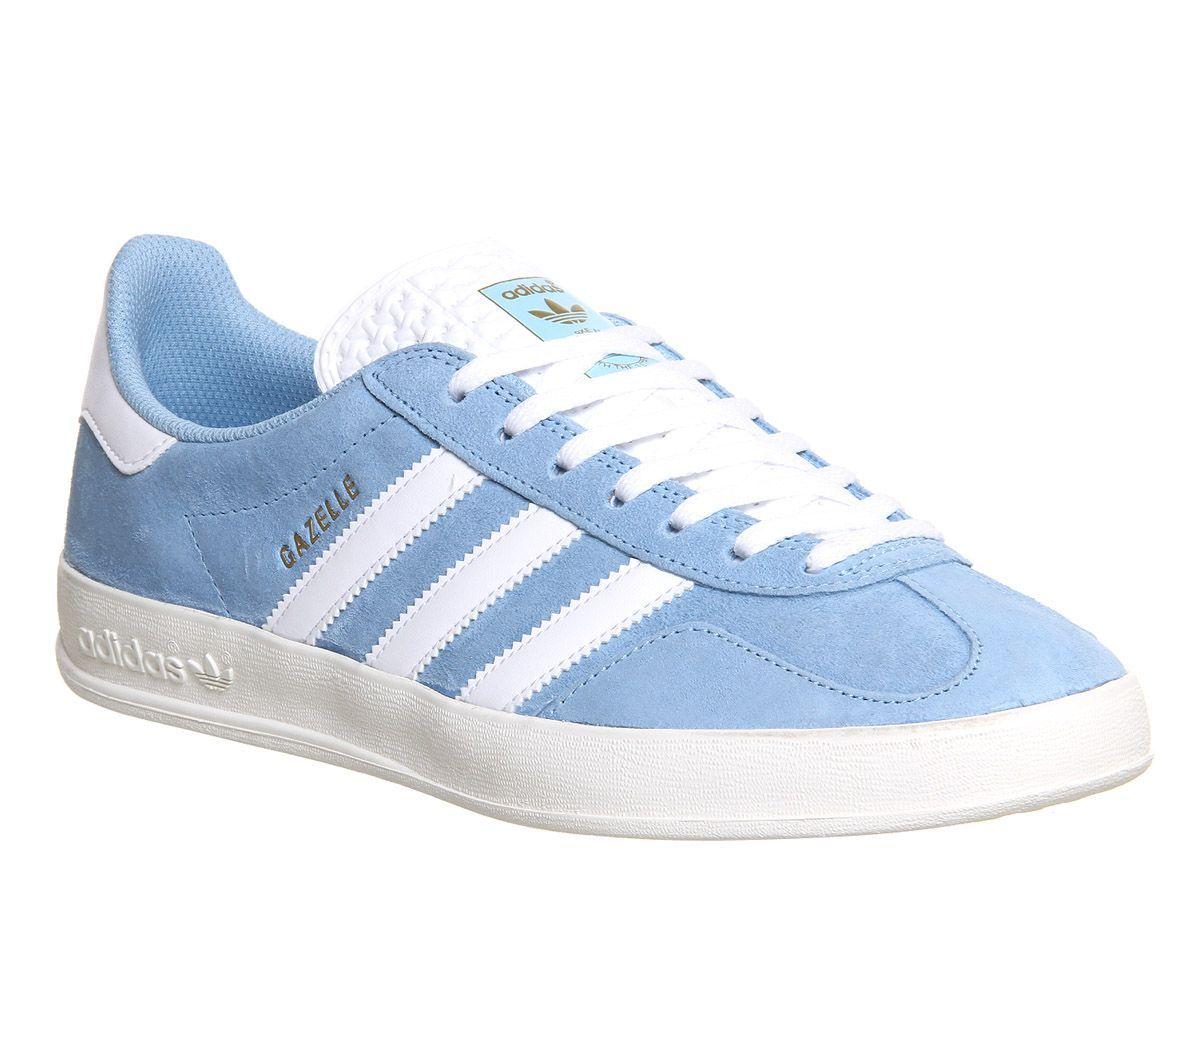 Adidas Shoes 80% OFF!\u003e\u003e Adidas Gazelle